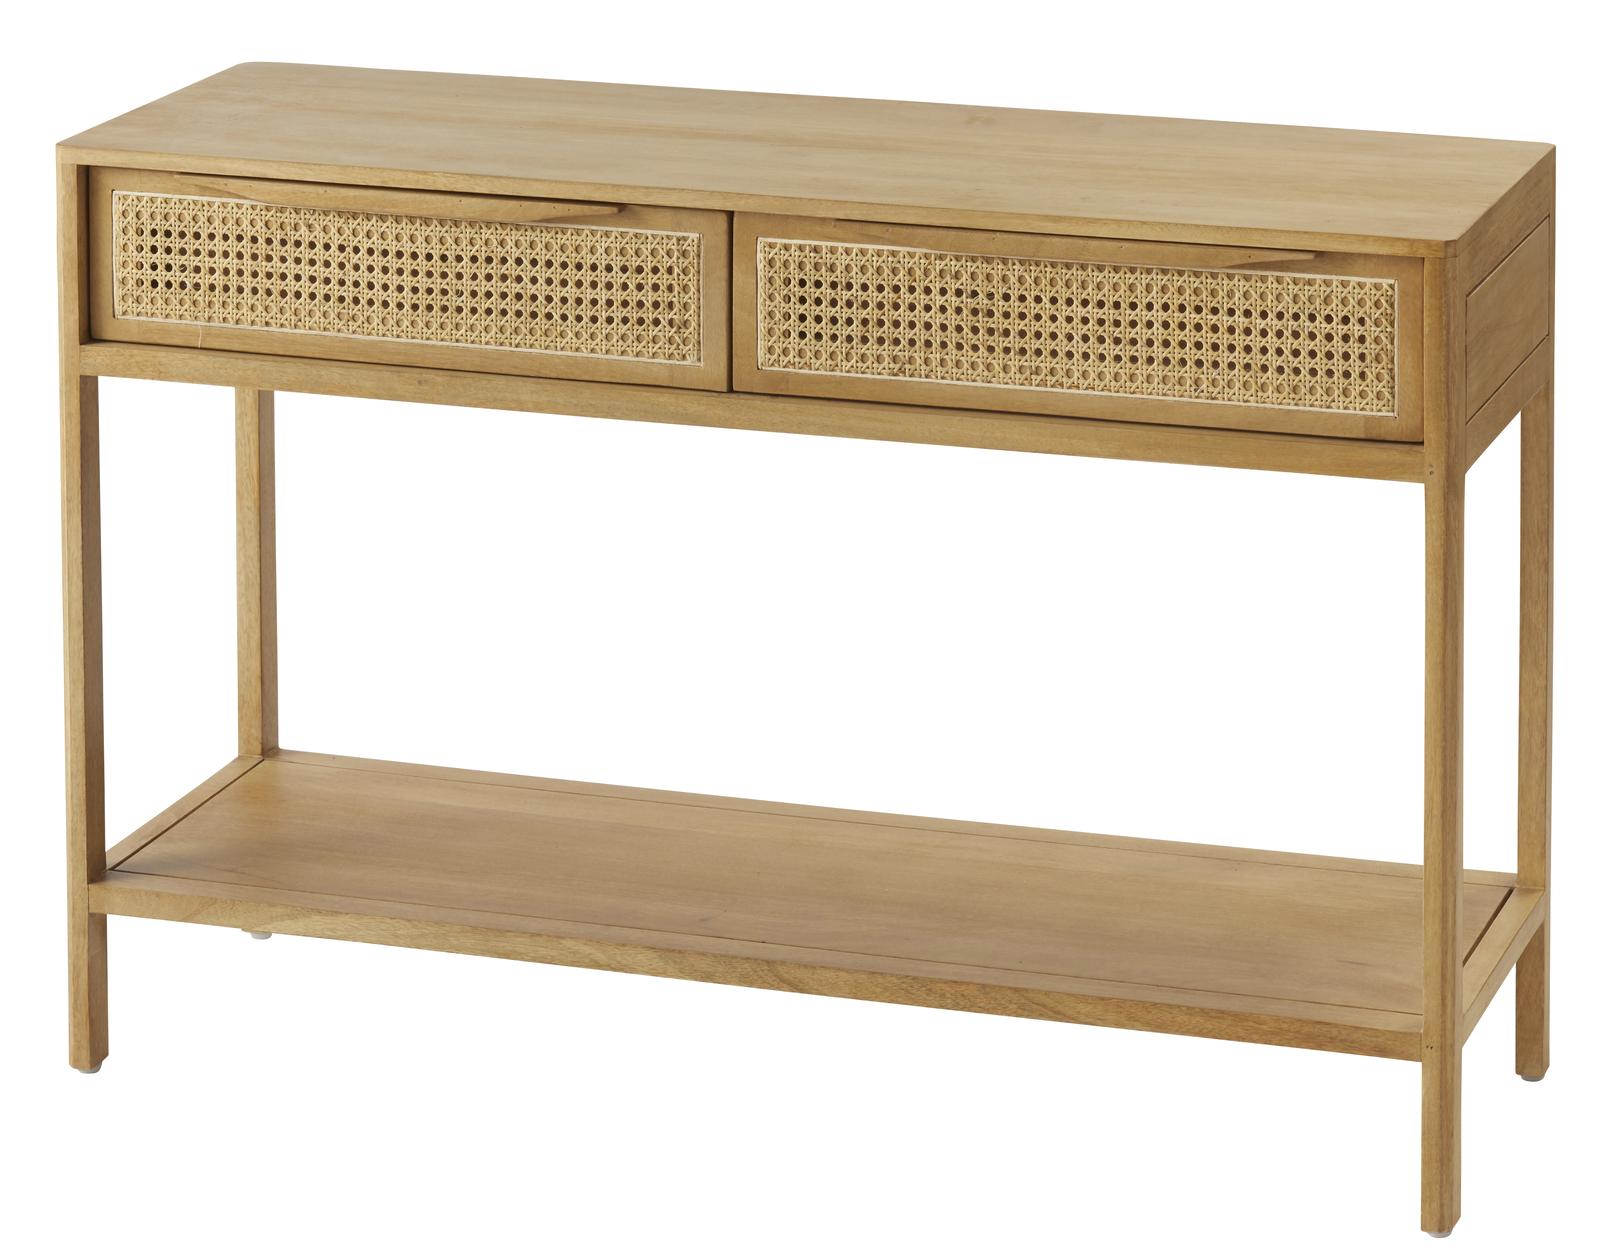 Amalfi: Santali Console Table (120x40x80cm) image